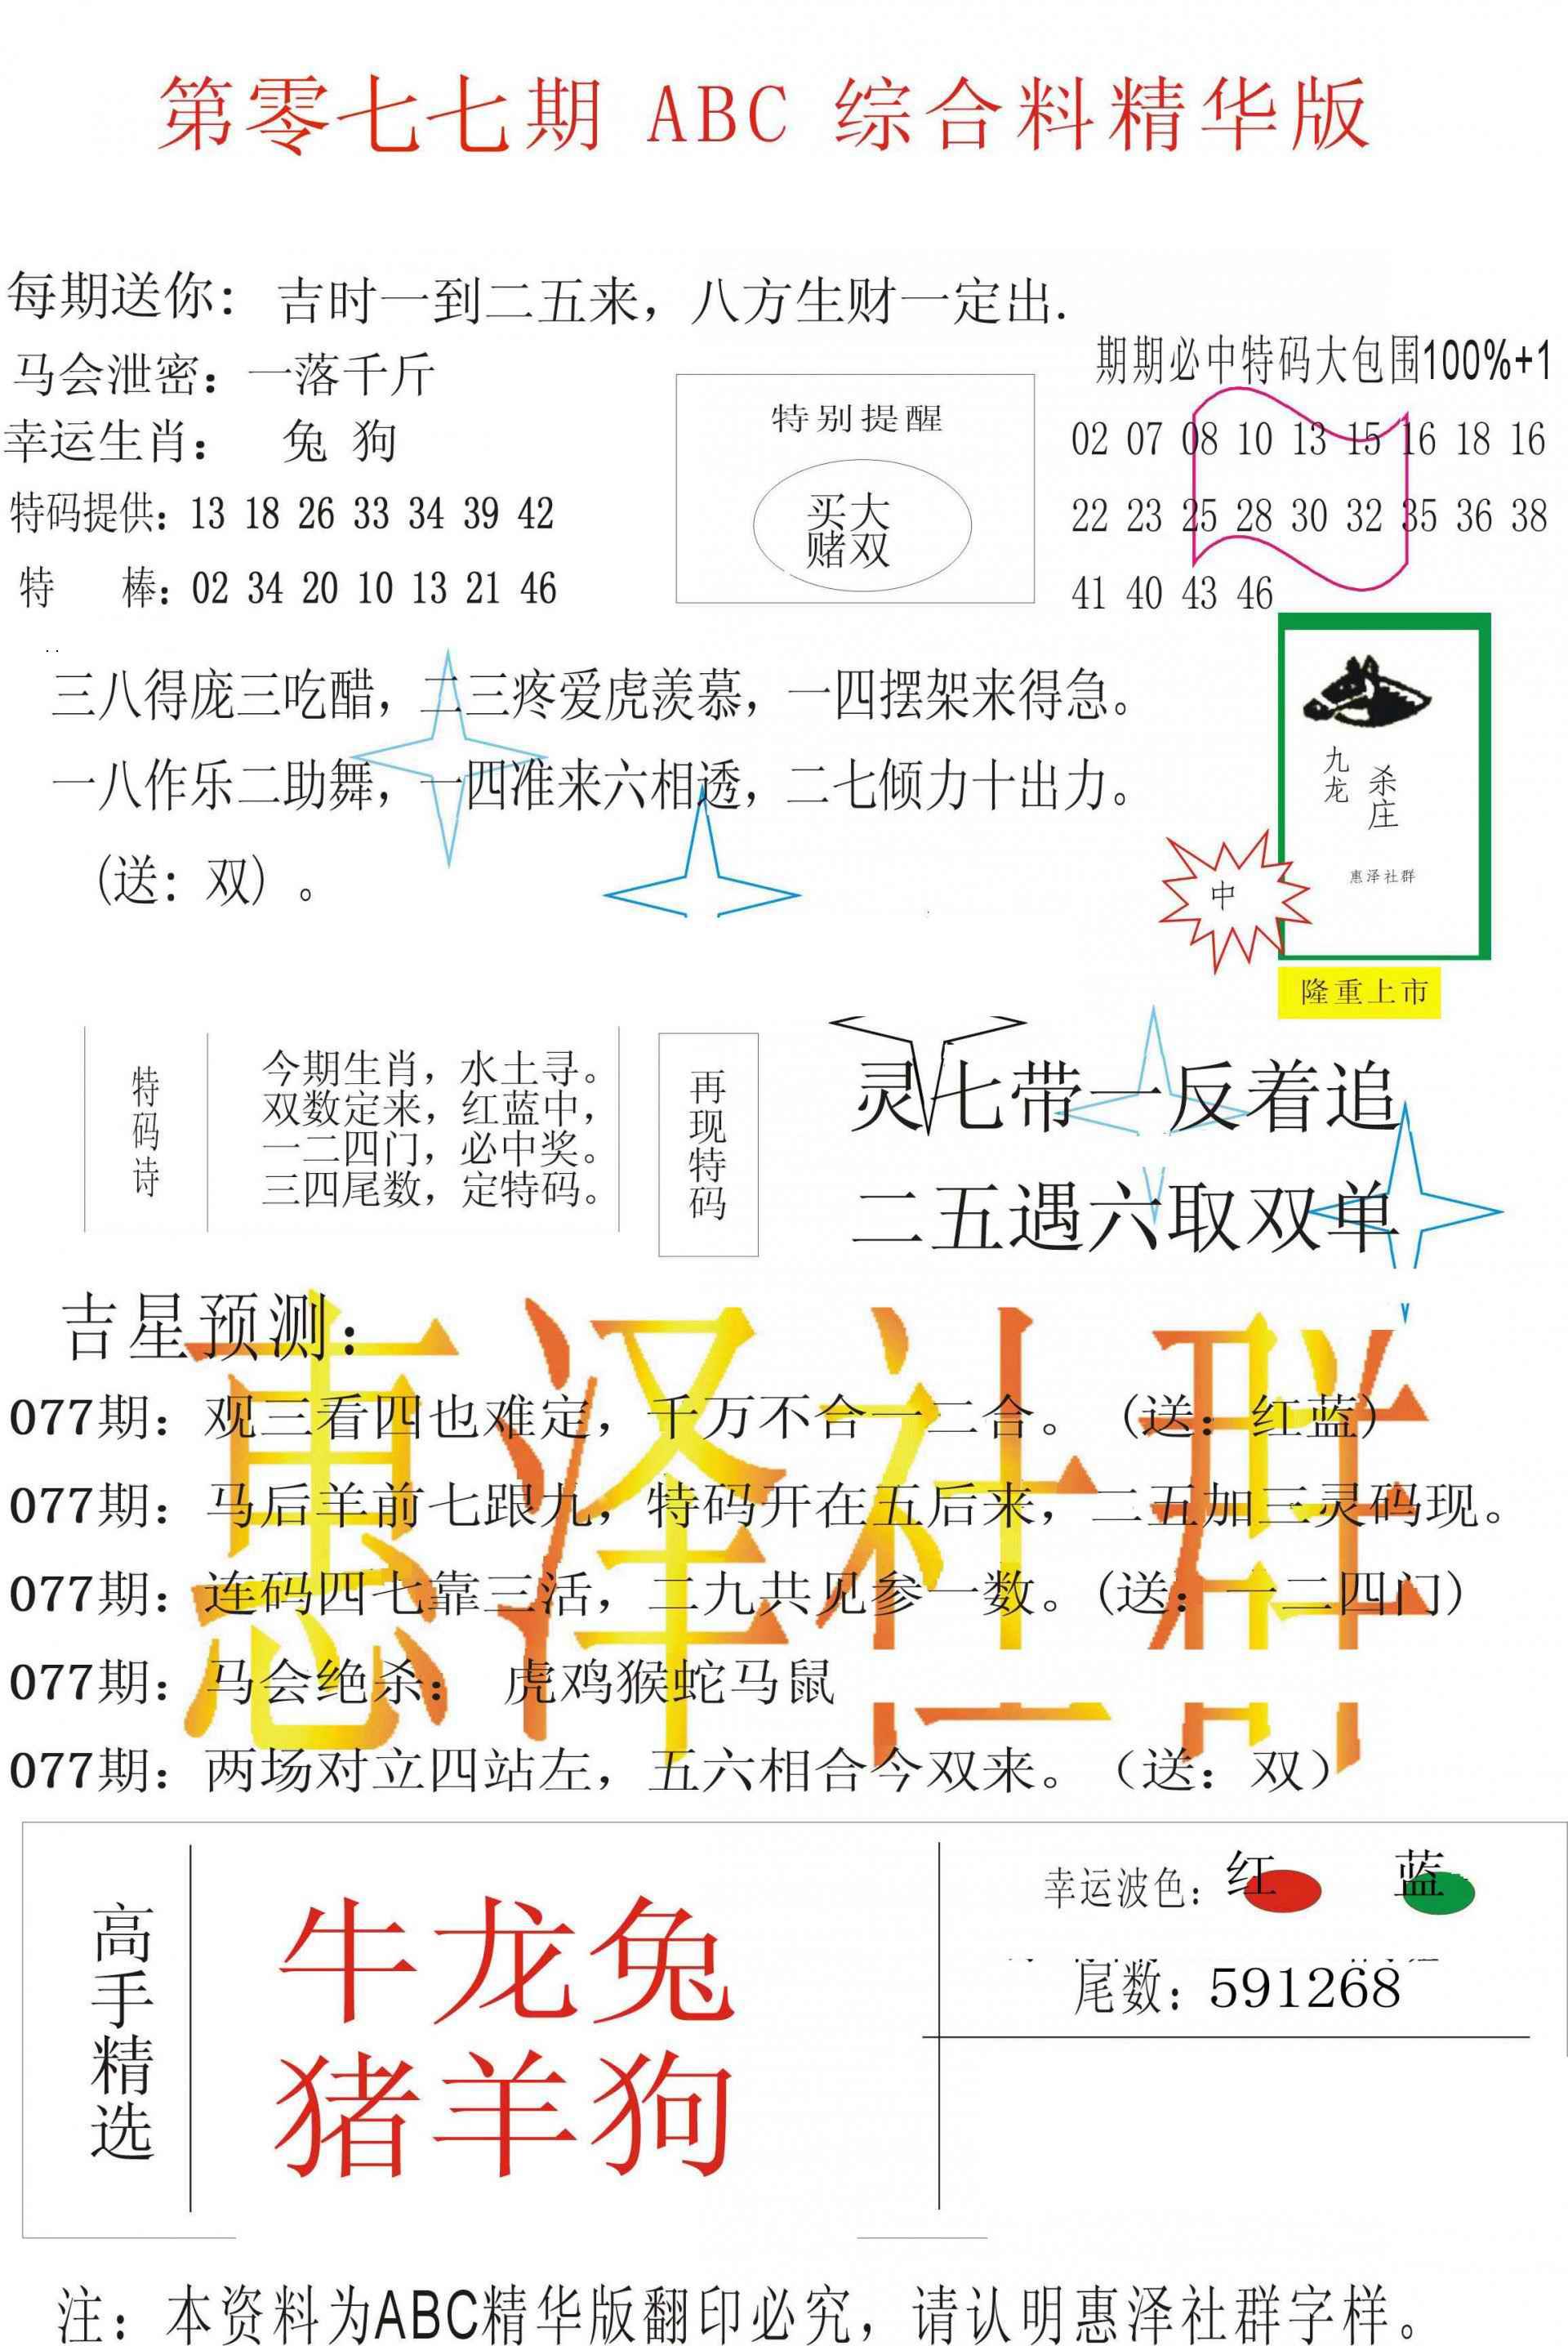 077期ABC综合正版资料